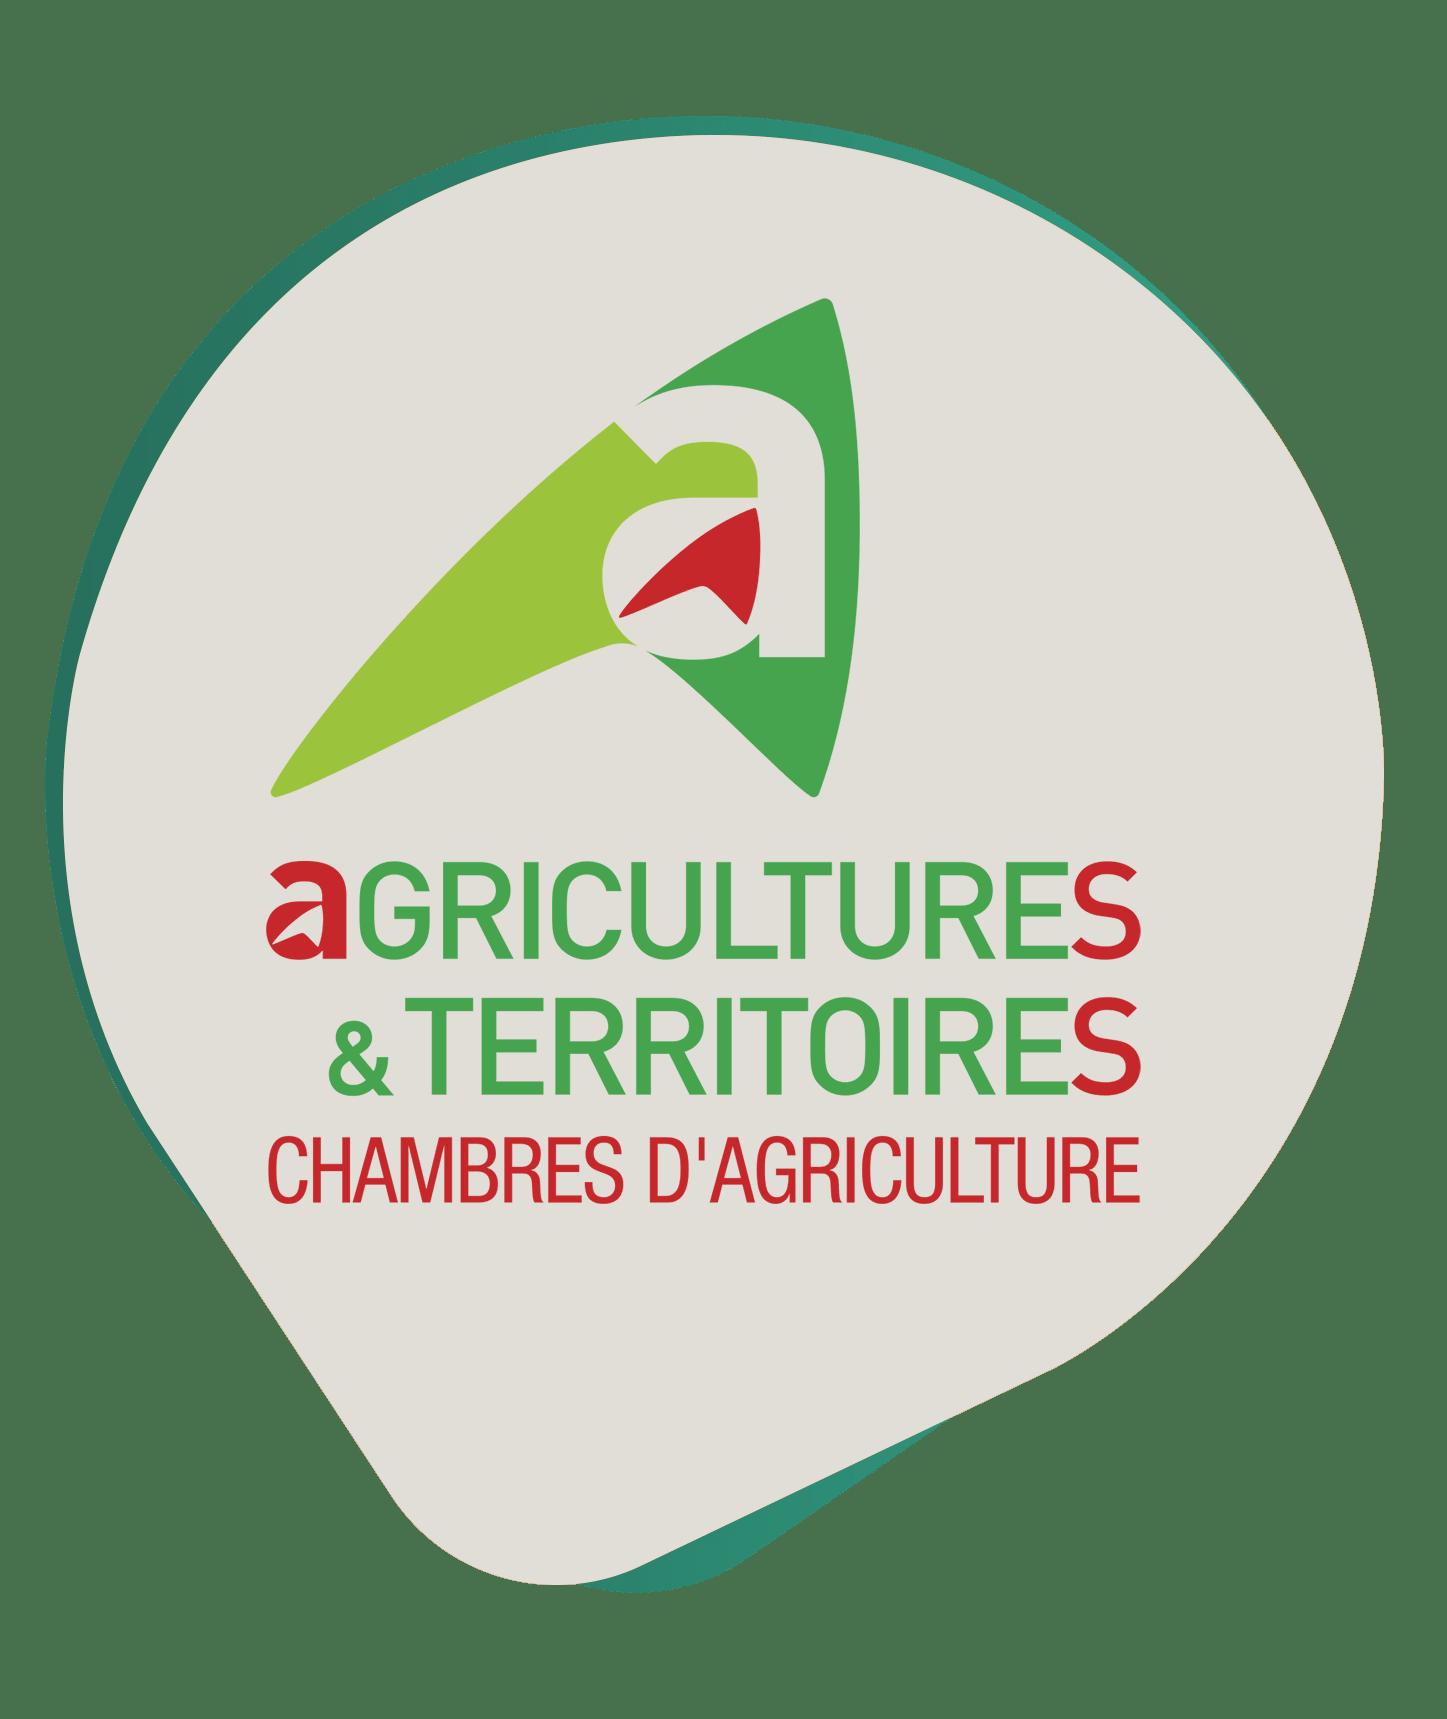 la chambre de l agriculture partenaire du festival des saveurs min